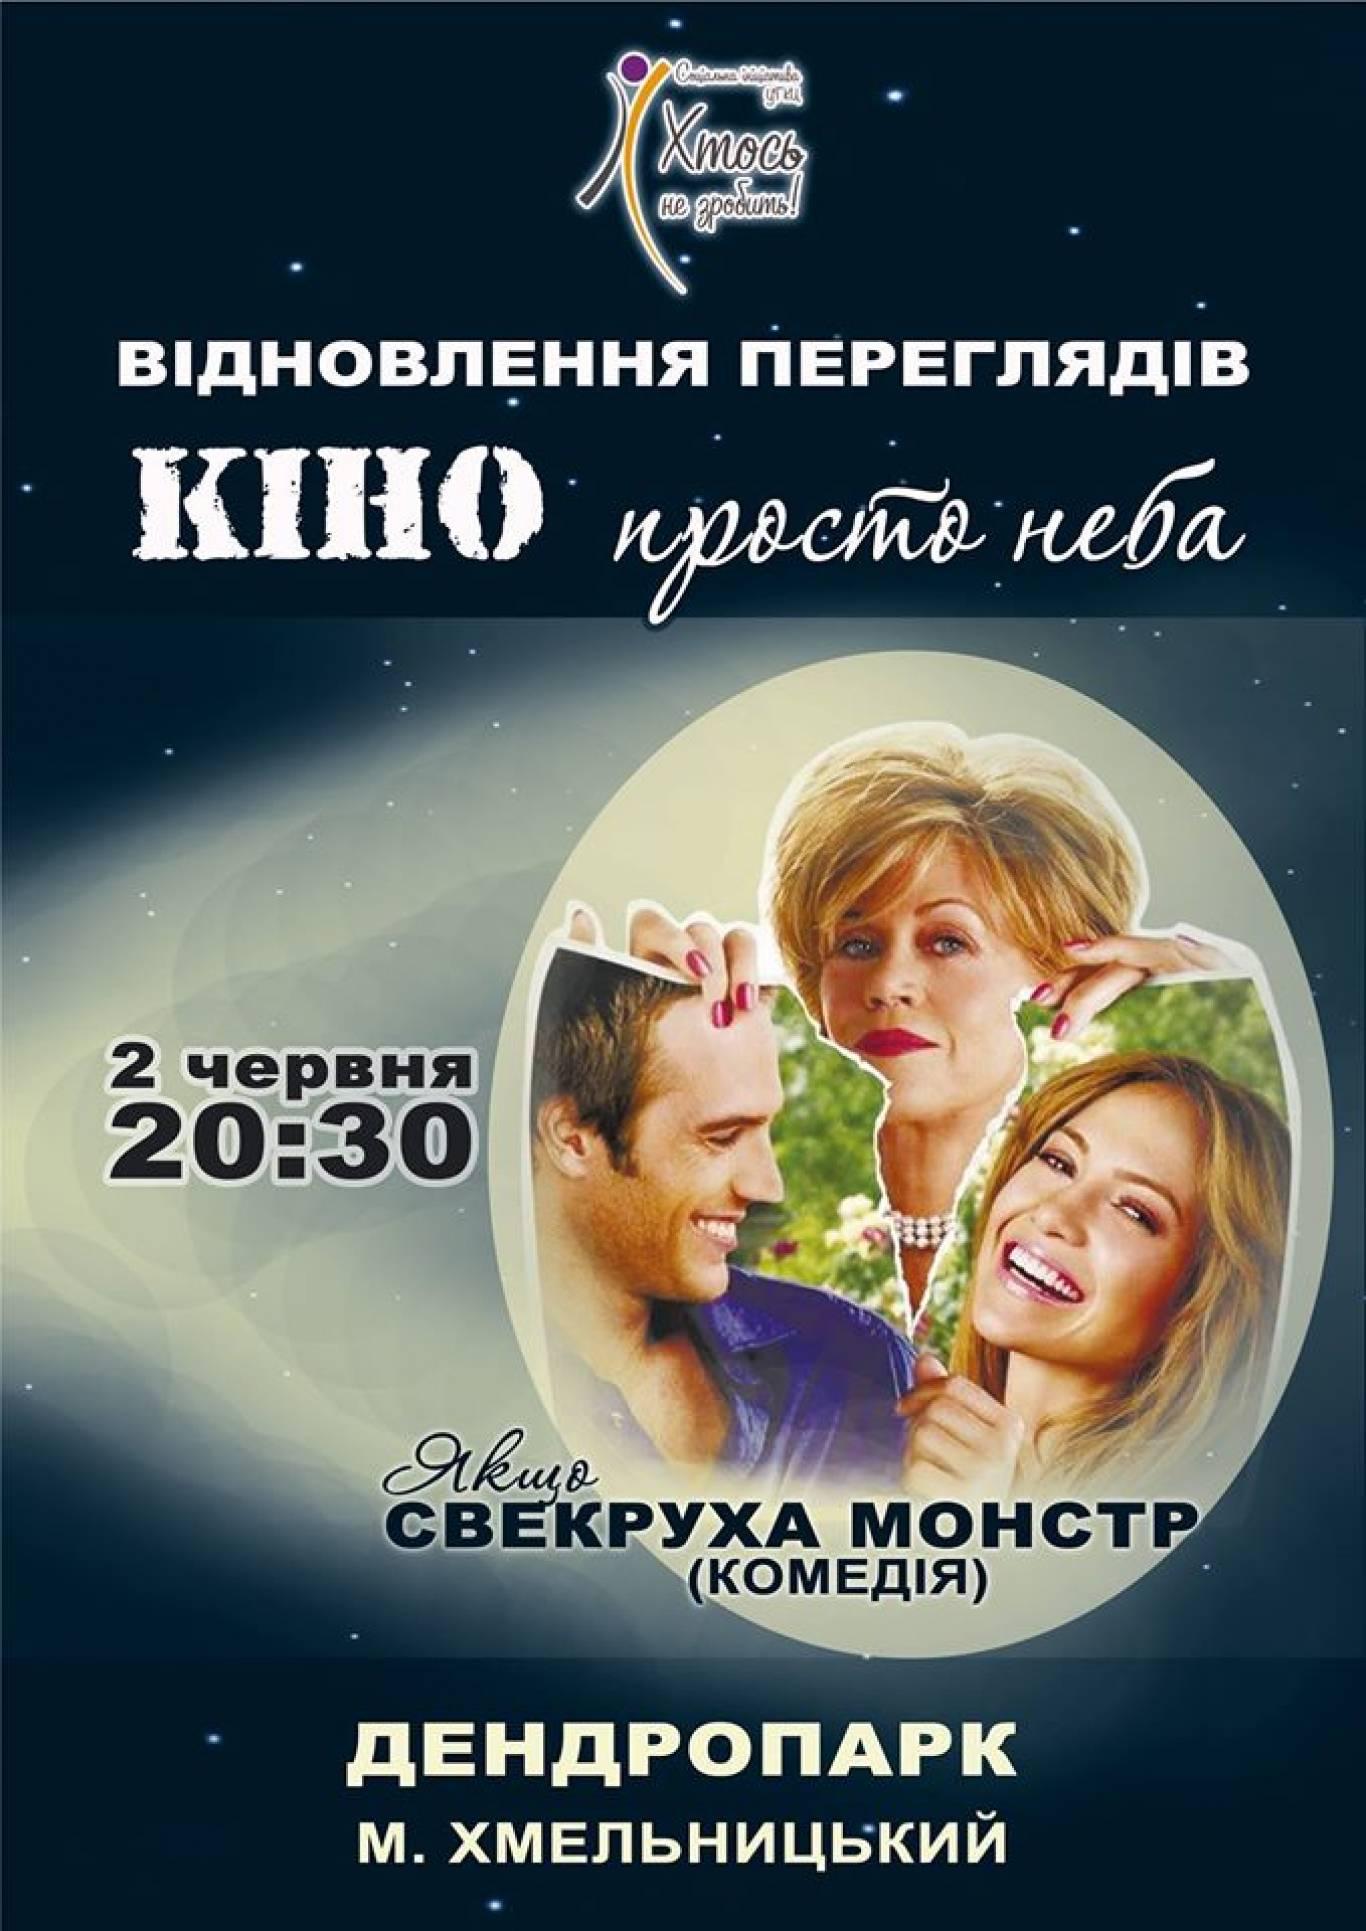 Кіно під відкритим небом у Хмельницькому